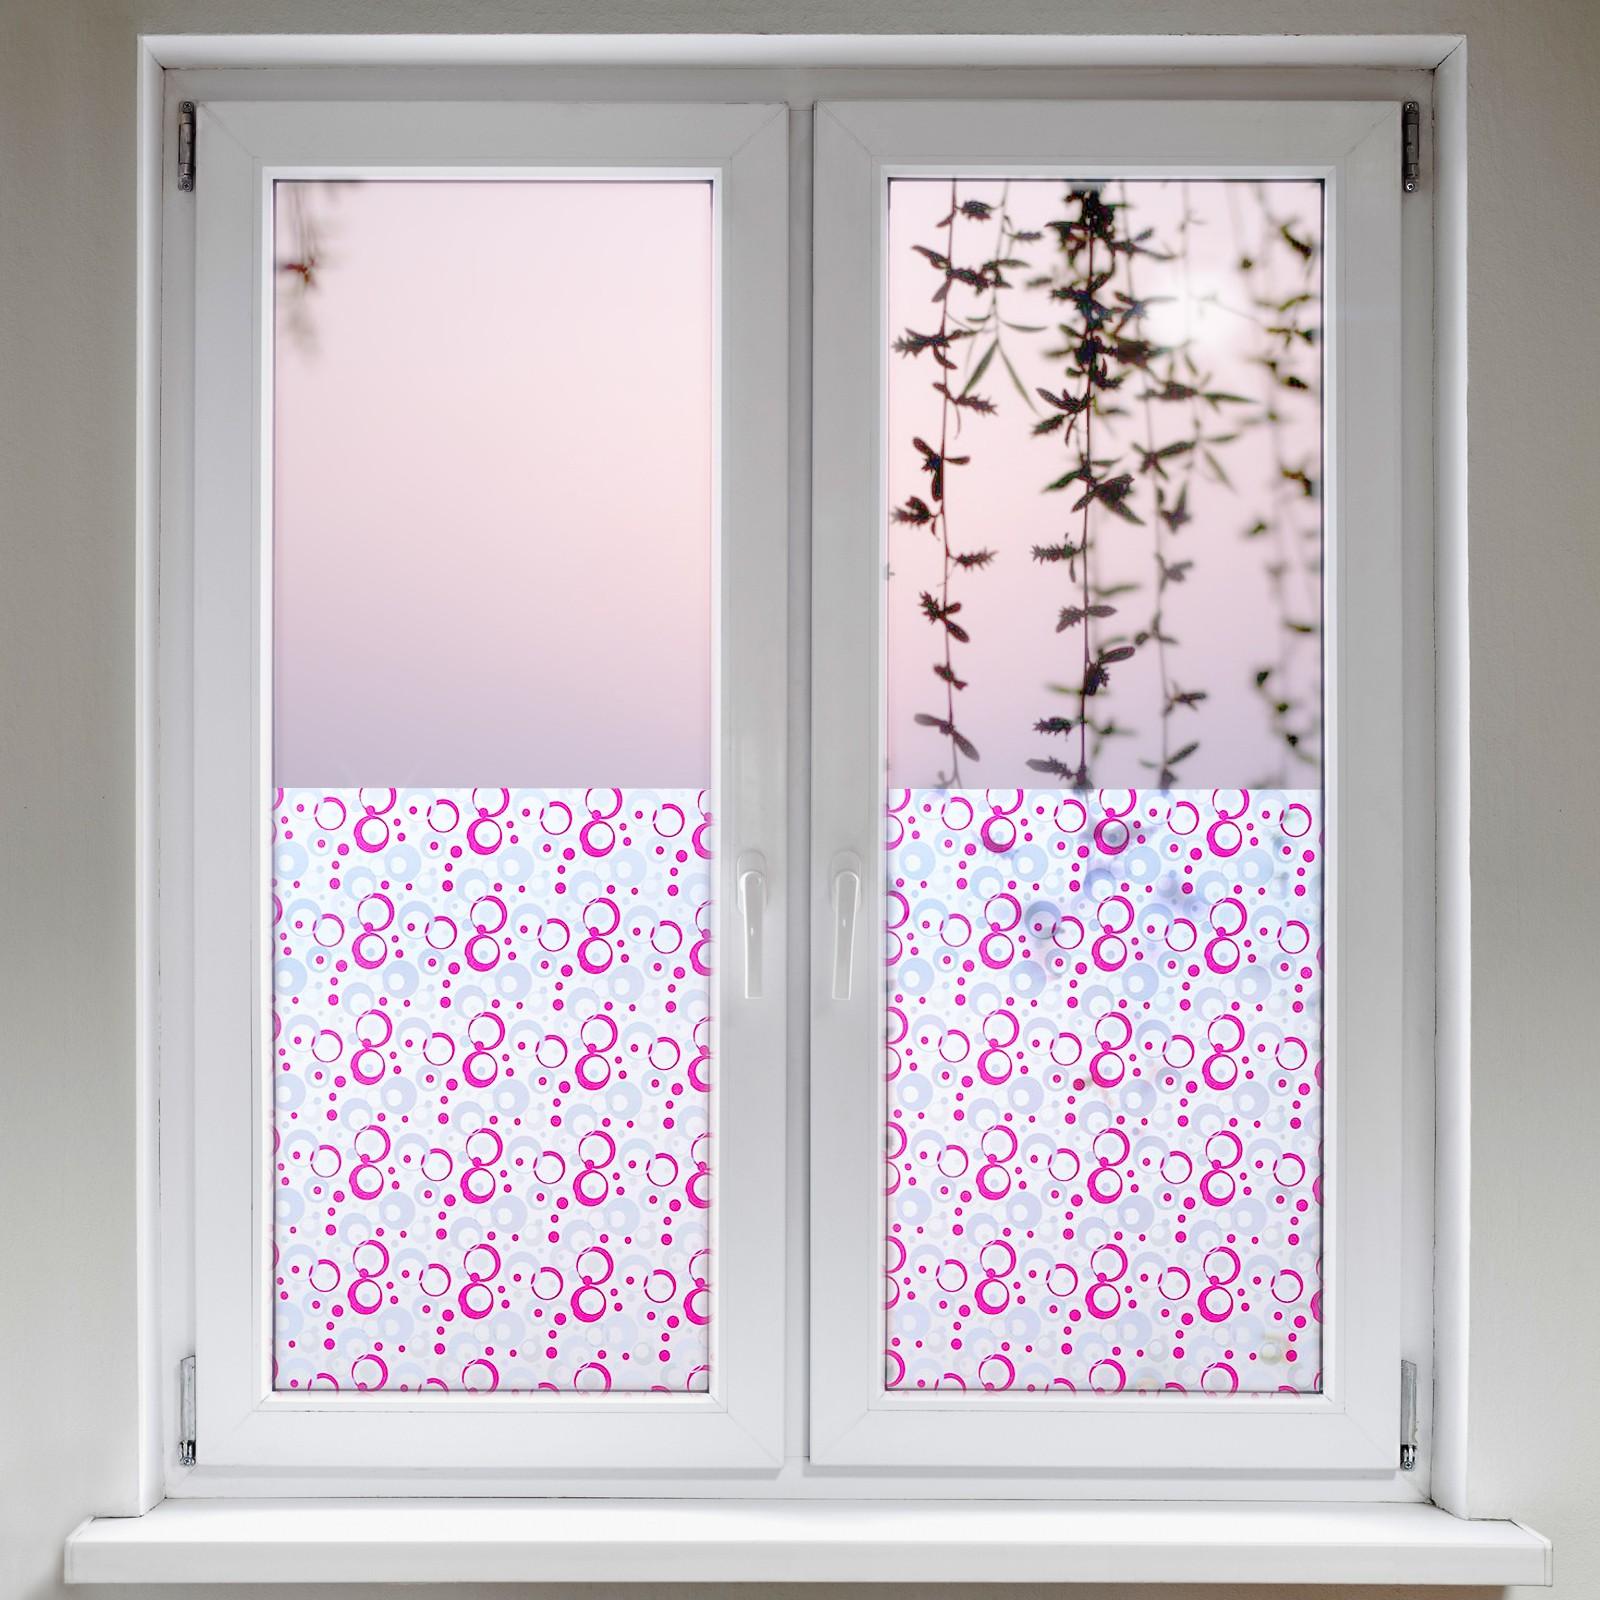 Full Size of Folien Fenster Loops Rosa Daytonde Sichern Gegen Einbruch Sichtschutz Für Teleskopstange Insektenschutz Kopfteil Bett Einbruchschutz Stange Mit Rolladen Fenster Folie Für Fenster